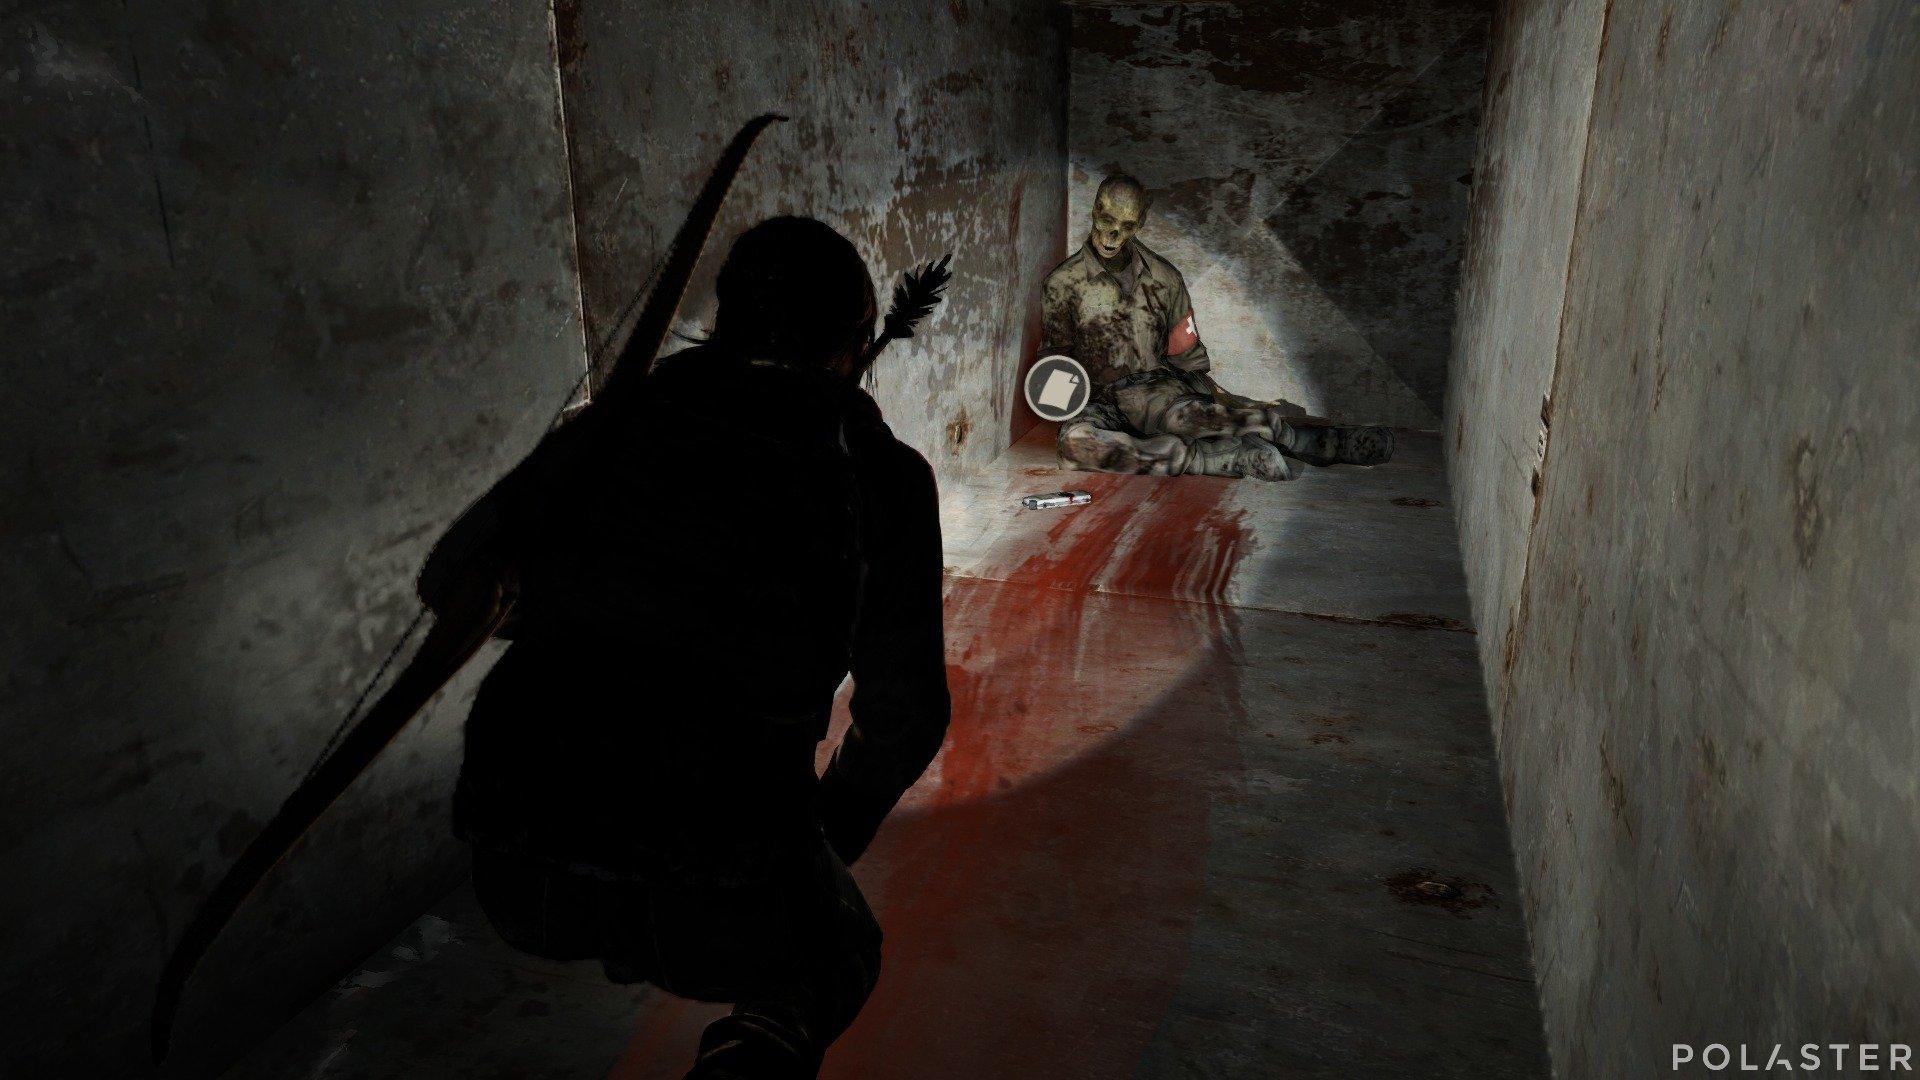 The Last of Us DLC Left Behind Artefacto Grabadora de cinta